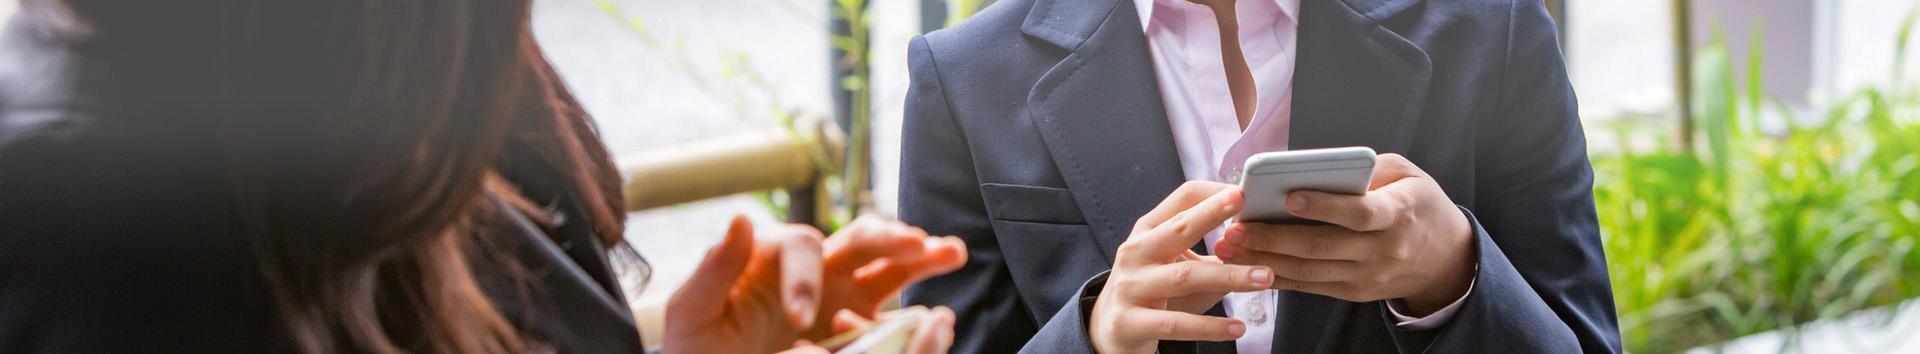 Osoba z telefonem w ręku